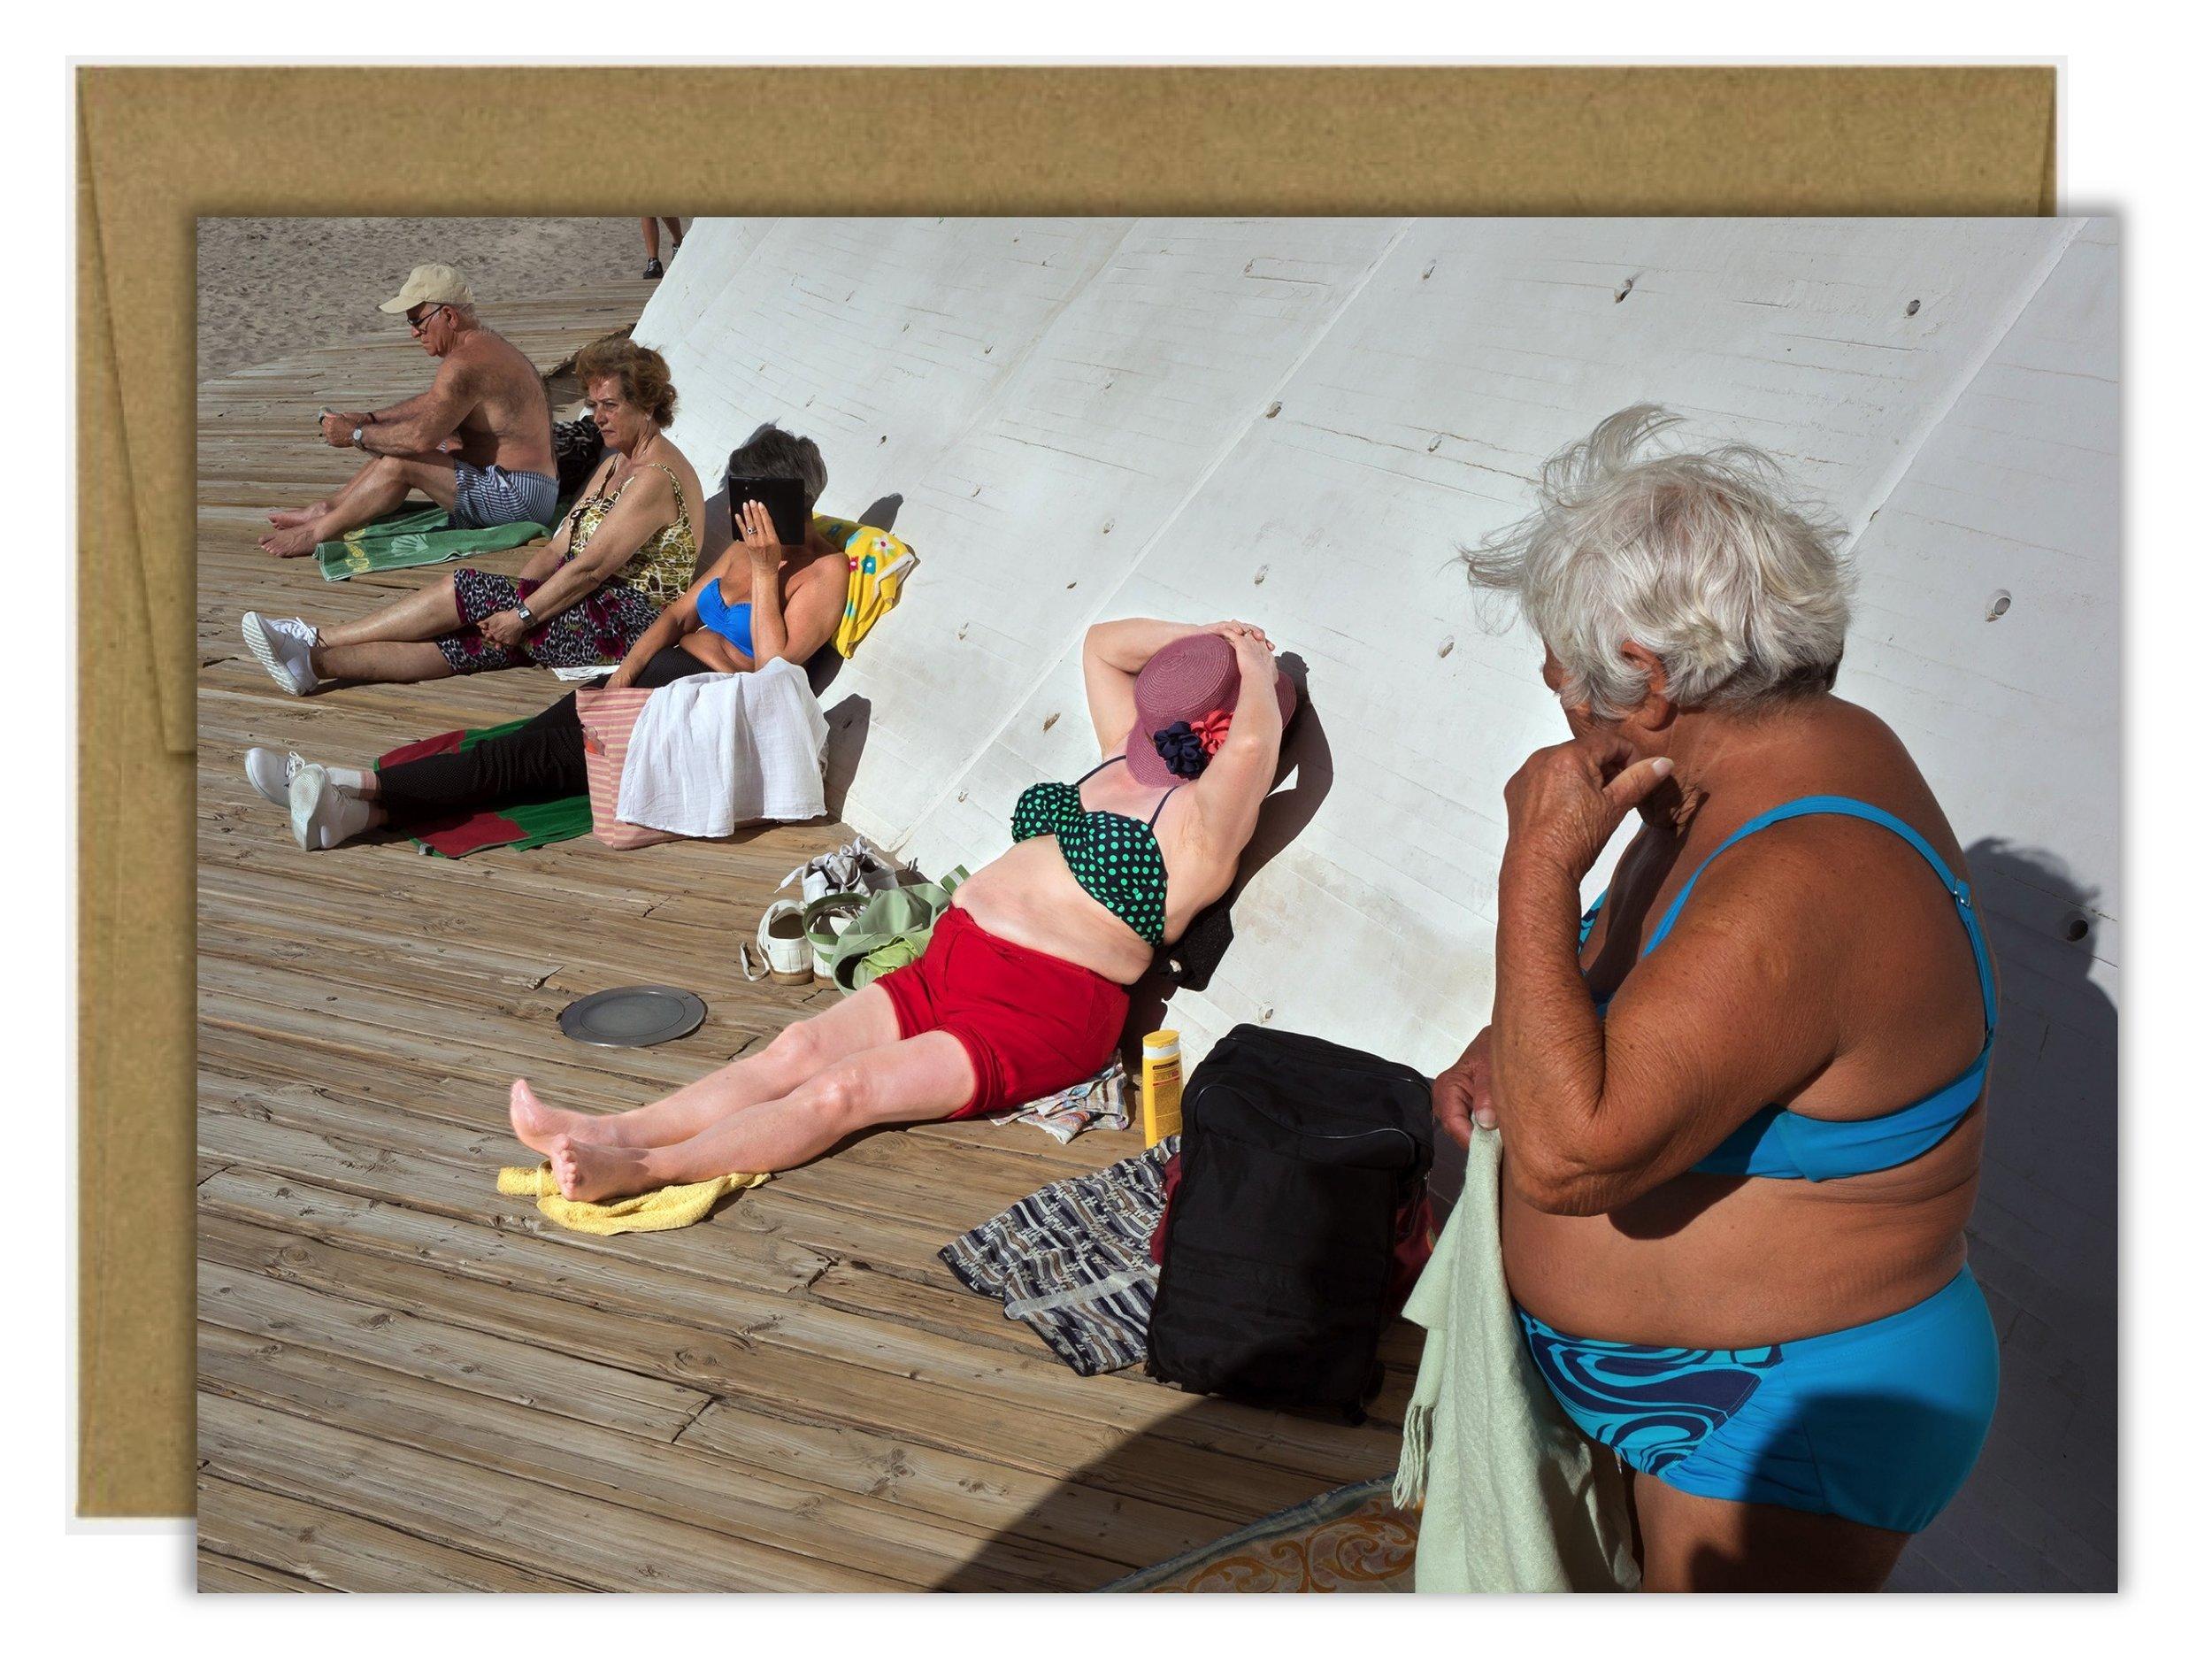 Peter Cool Sunbathing Greeting Card.jpg